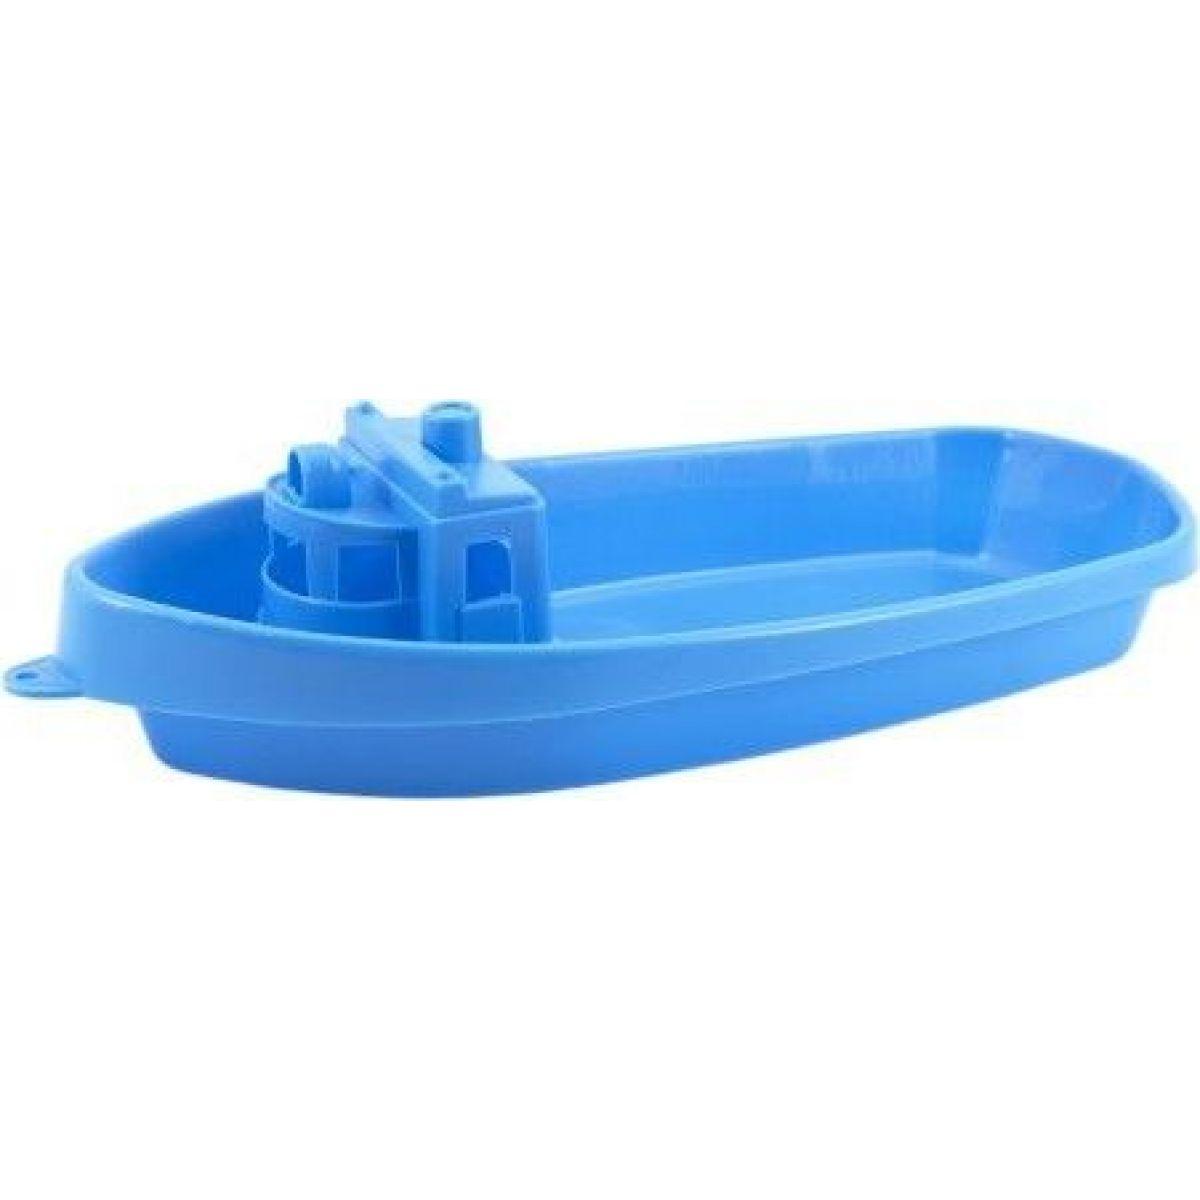 Loď do vody plastová 38cm modrá